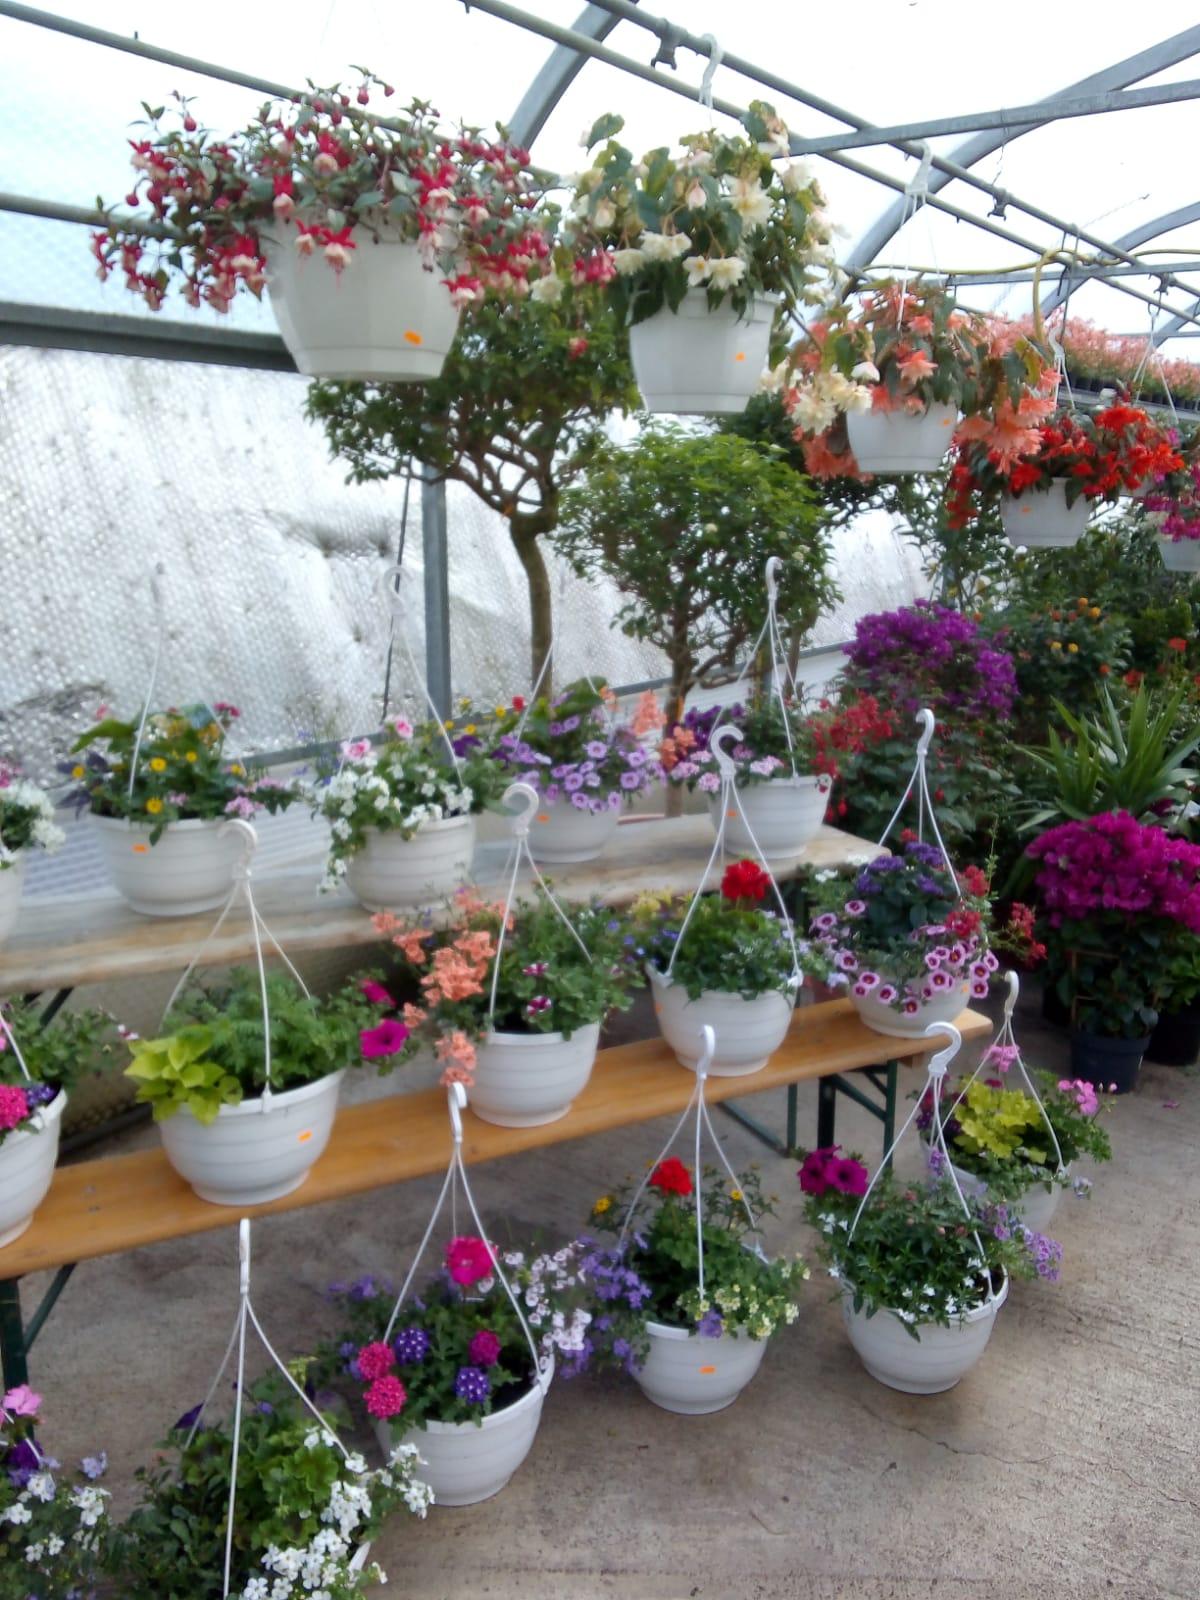 Beet und balkonpflanzen bio grauer naturkostladen for Beet und balkonpflanzen